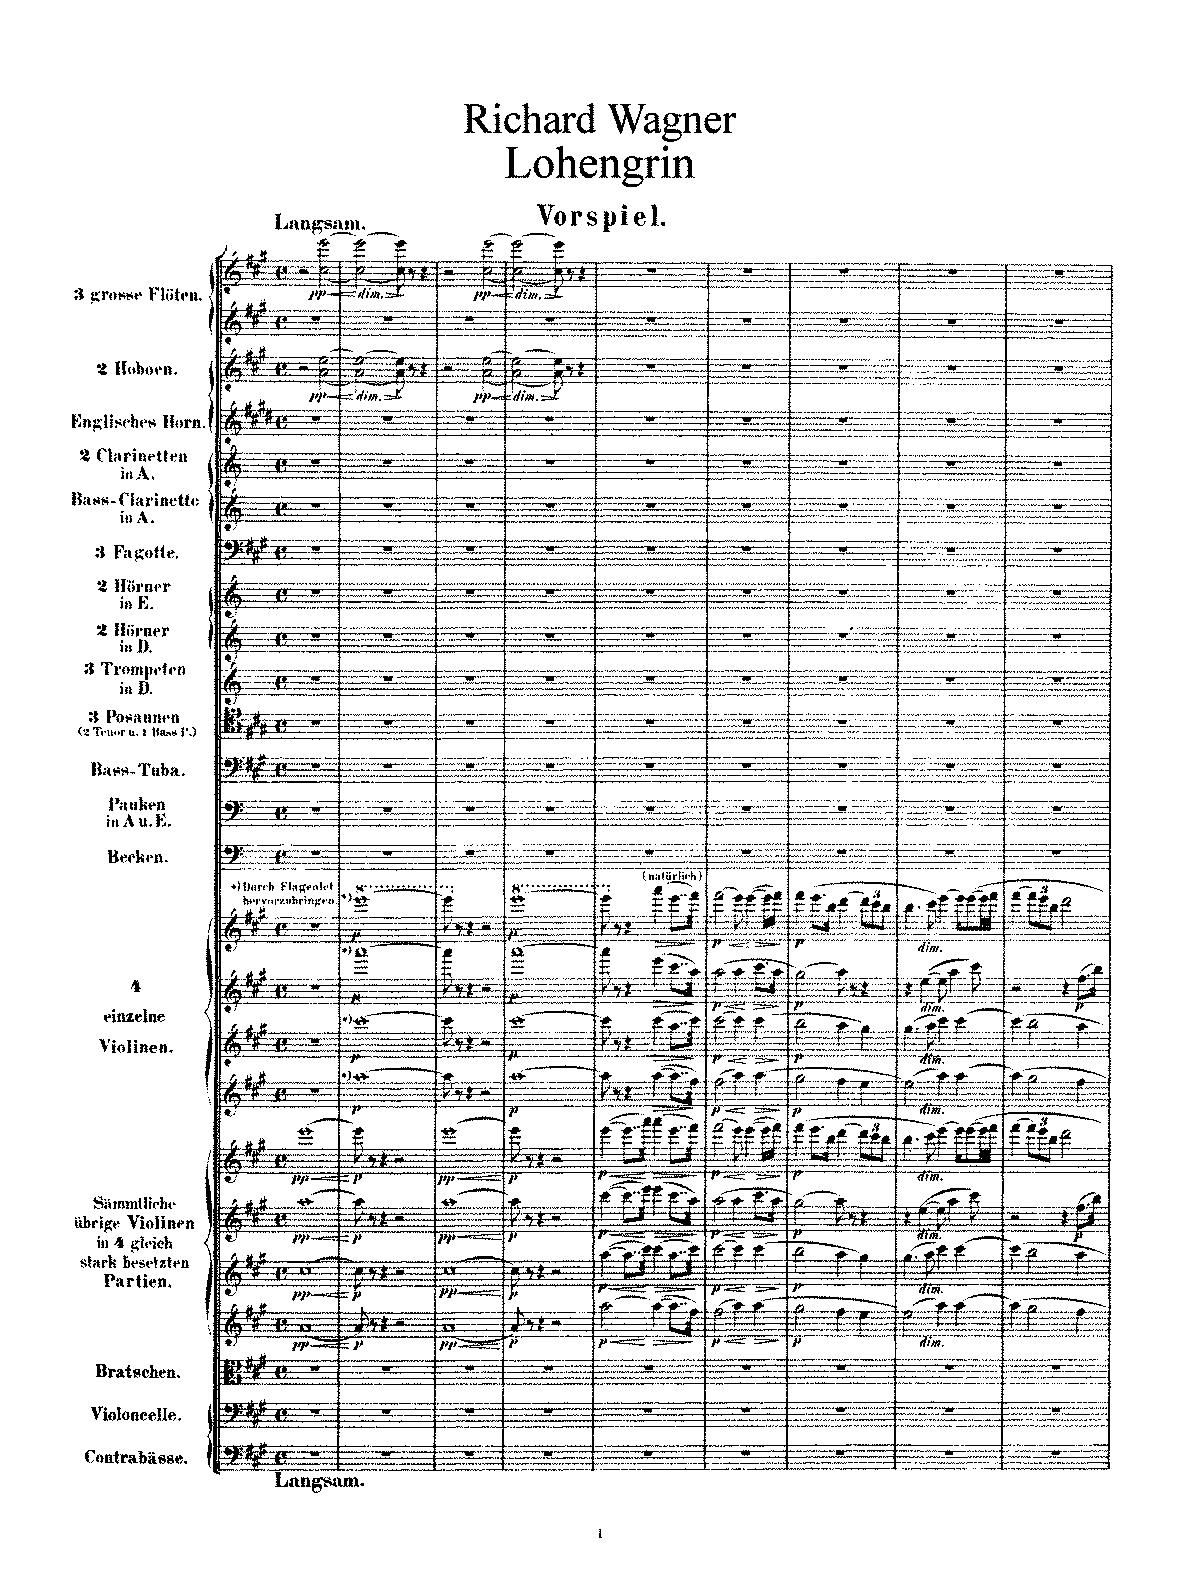 Lohengrin WWV 75 Wagner Richard